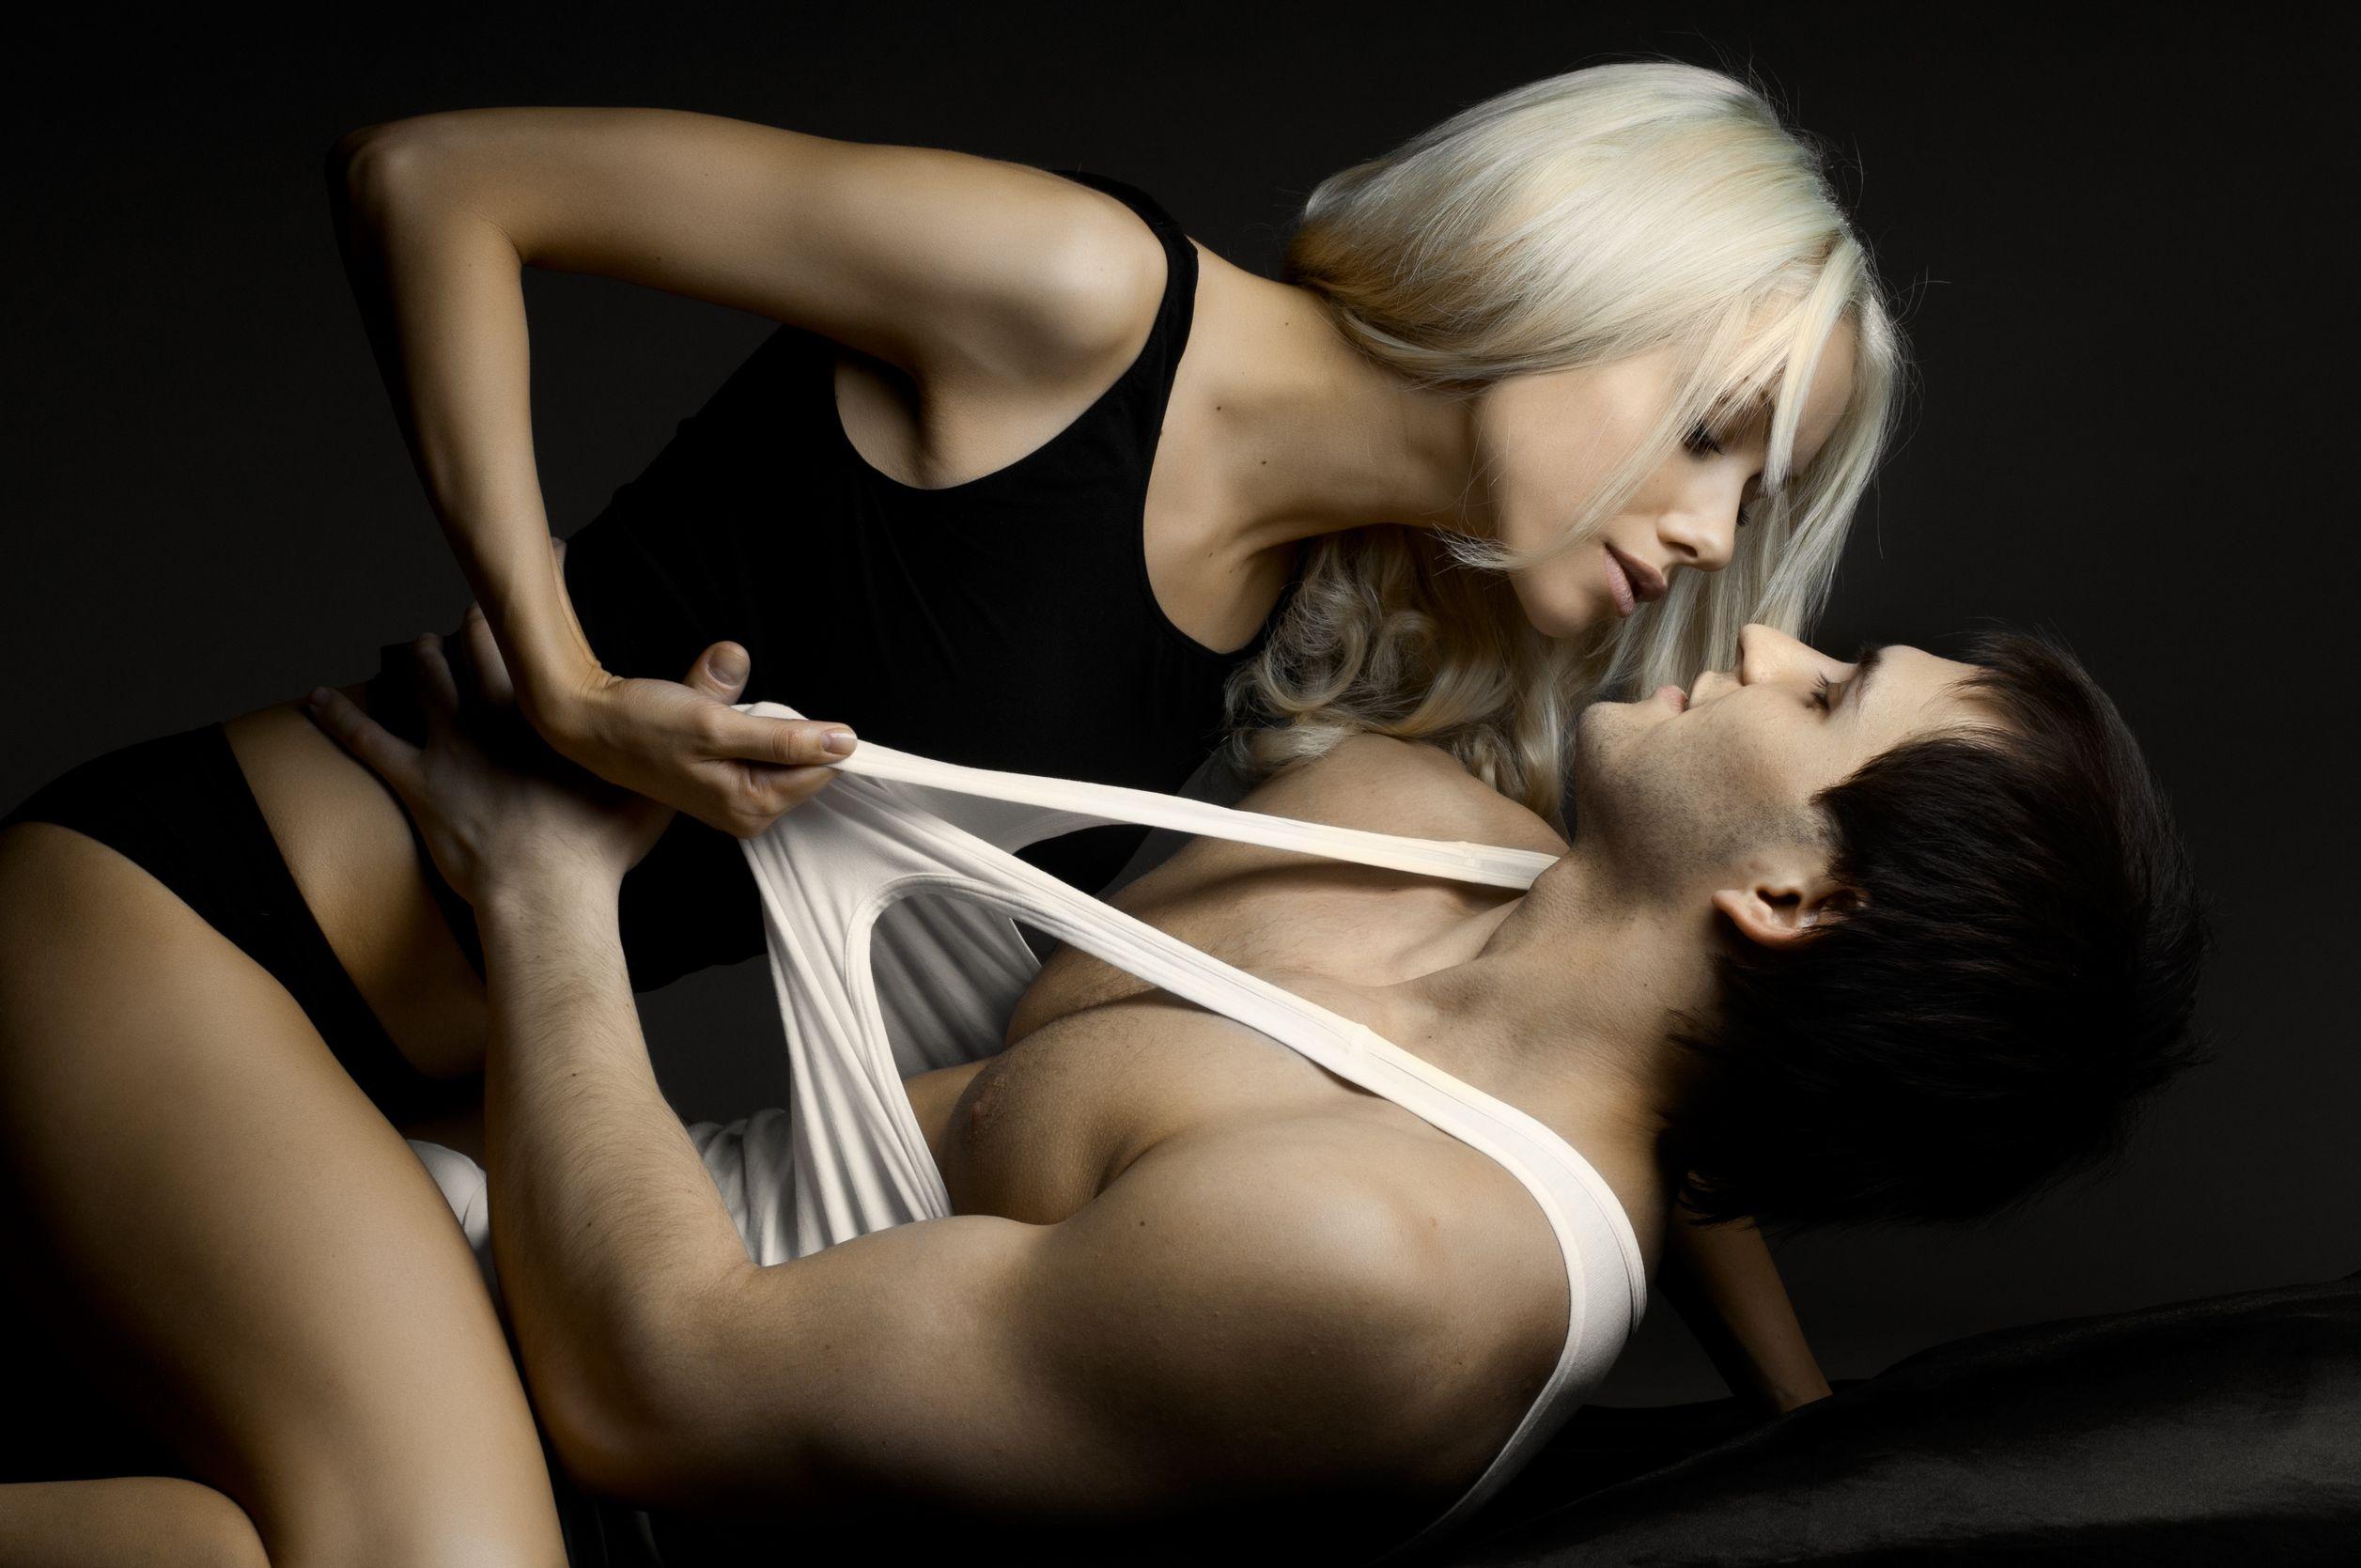 Сексуальные картинки секла и любви 25 фотография